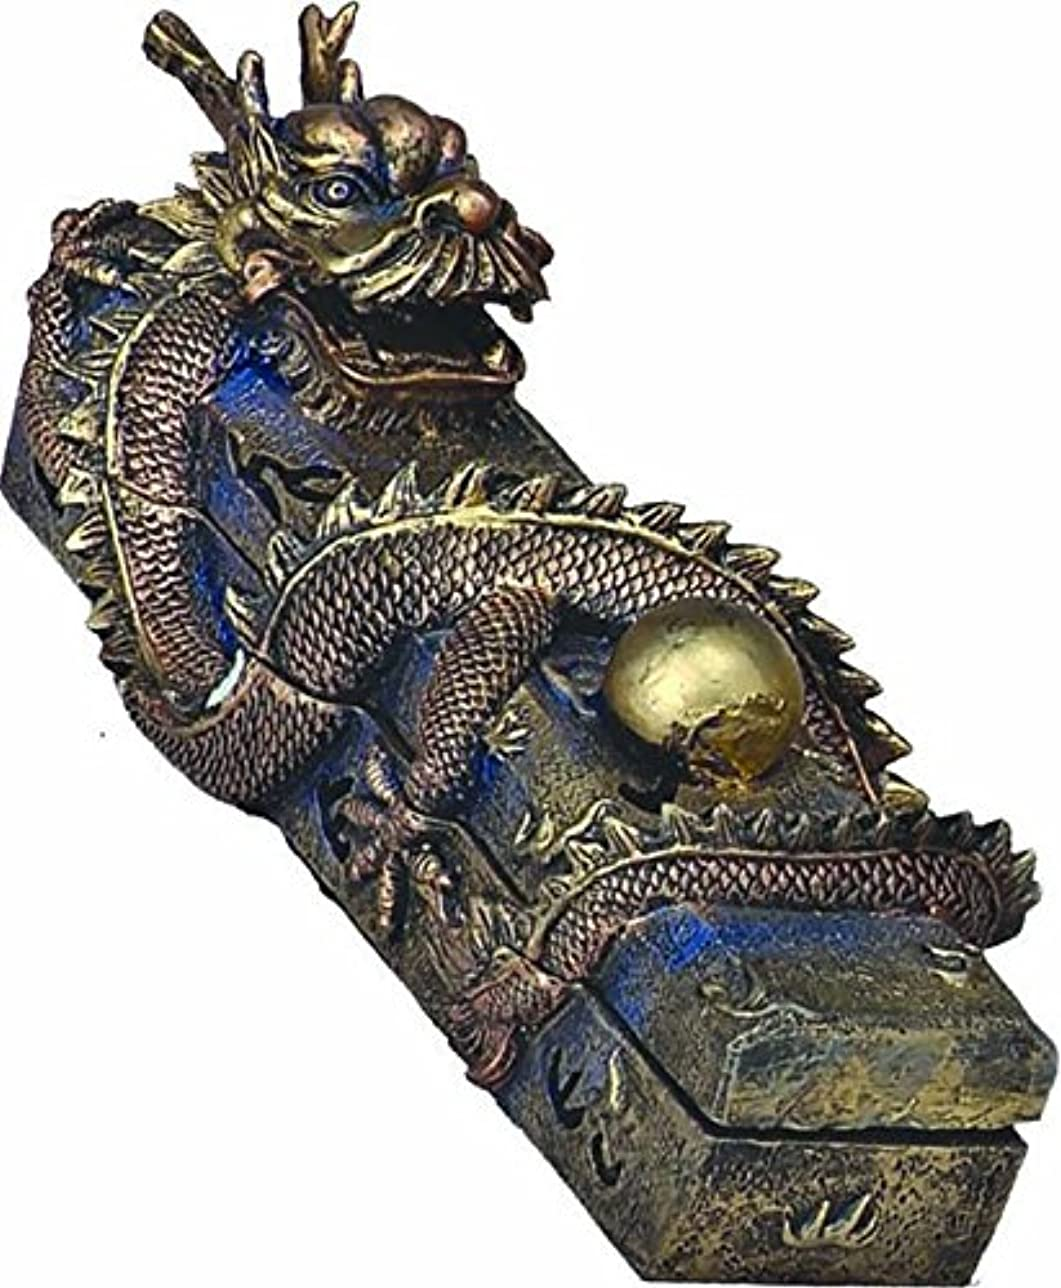 統合終わりスケルトンChinese Dragon Guardingパールボックスコーンお香スティックバーナーホルダー樹脂13